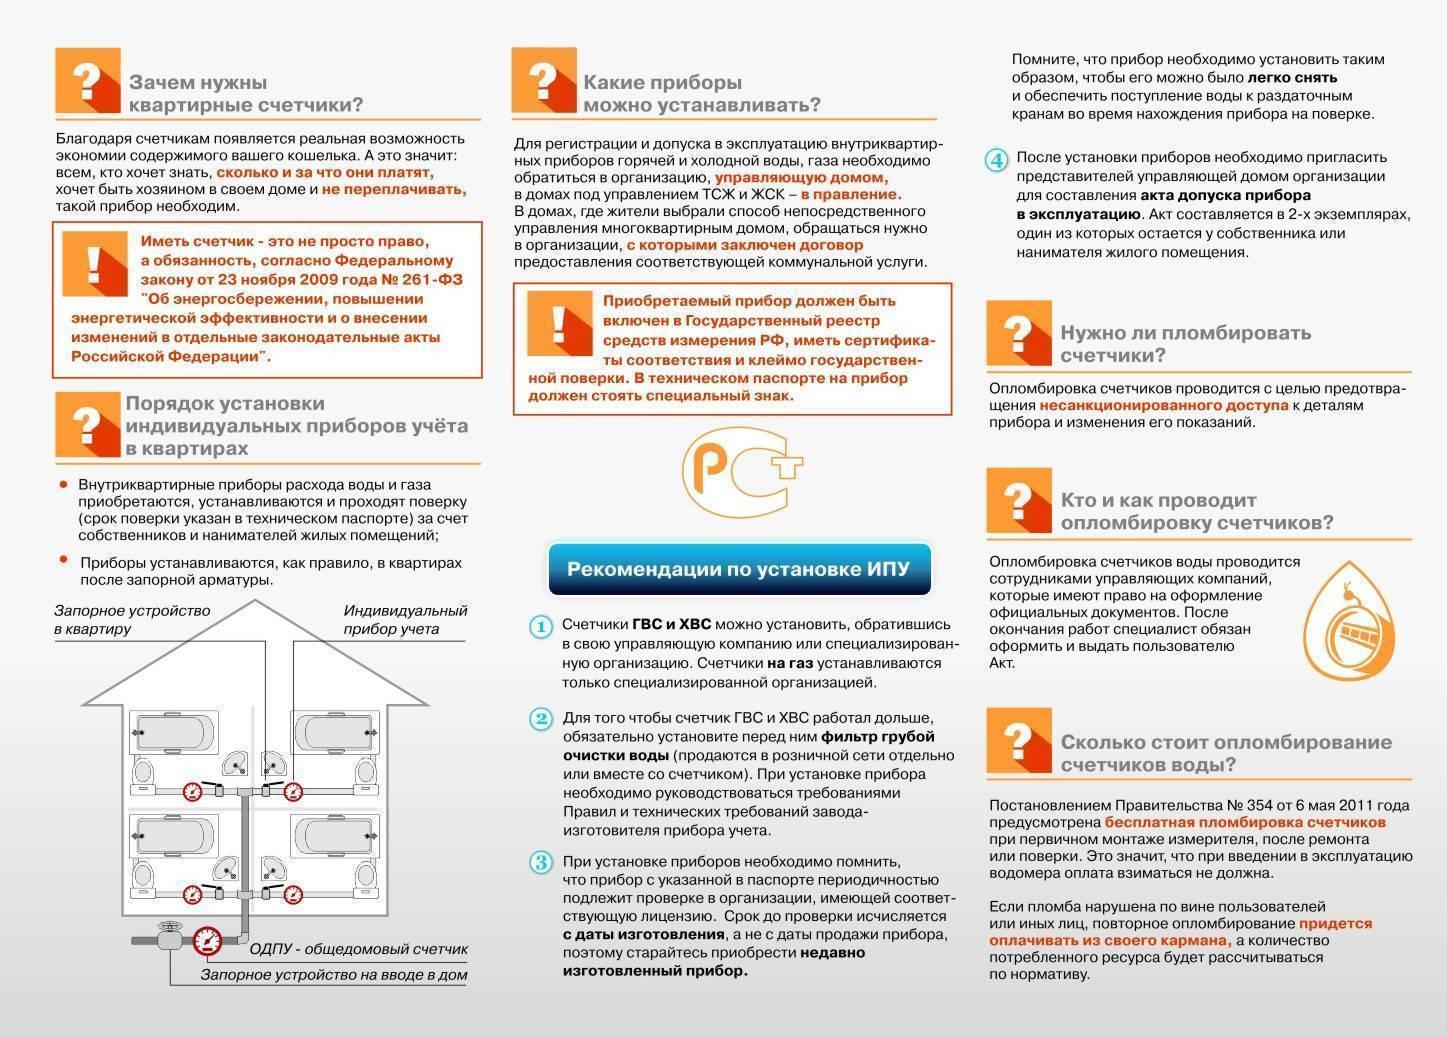 Подробное описание процедуры ввода в эксплуатацию счетчиков воды